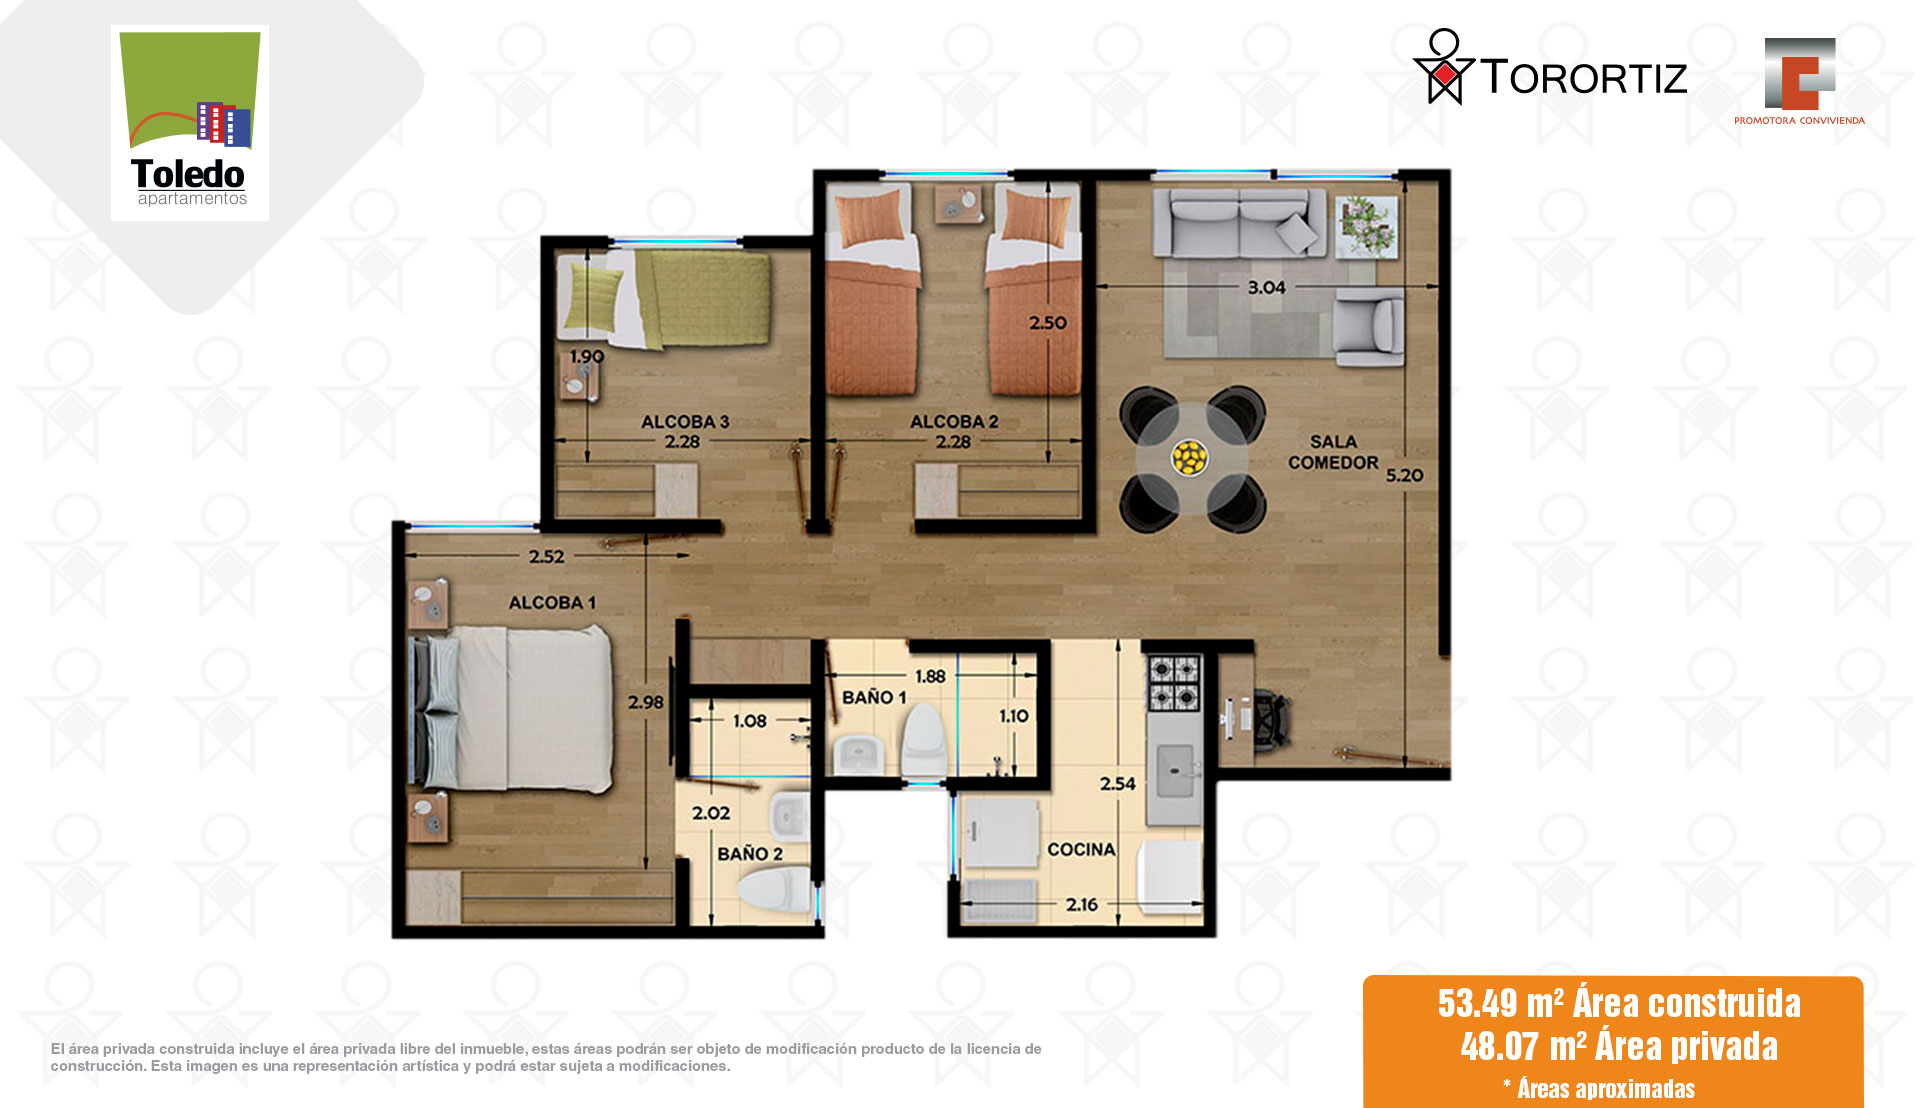 Apartamento_tipo_A_53_m²_Toledo_Apartamentos_Torortiz_Nuevos_en_venta_Soacha_desde_75_millones